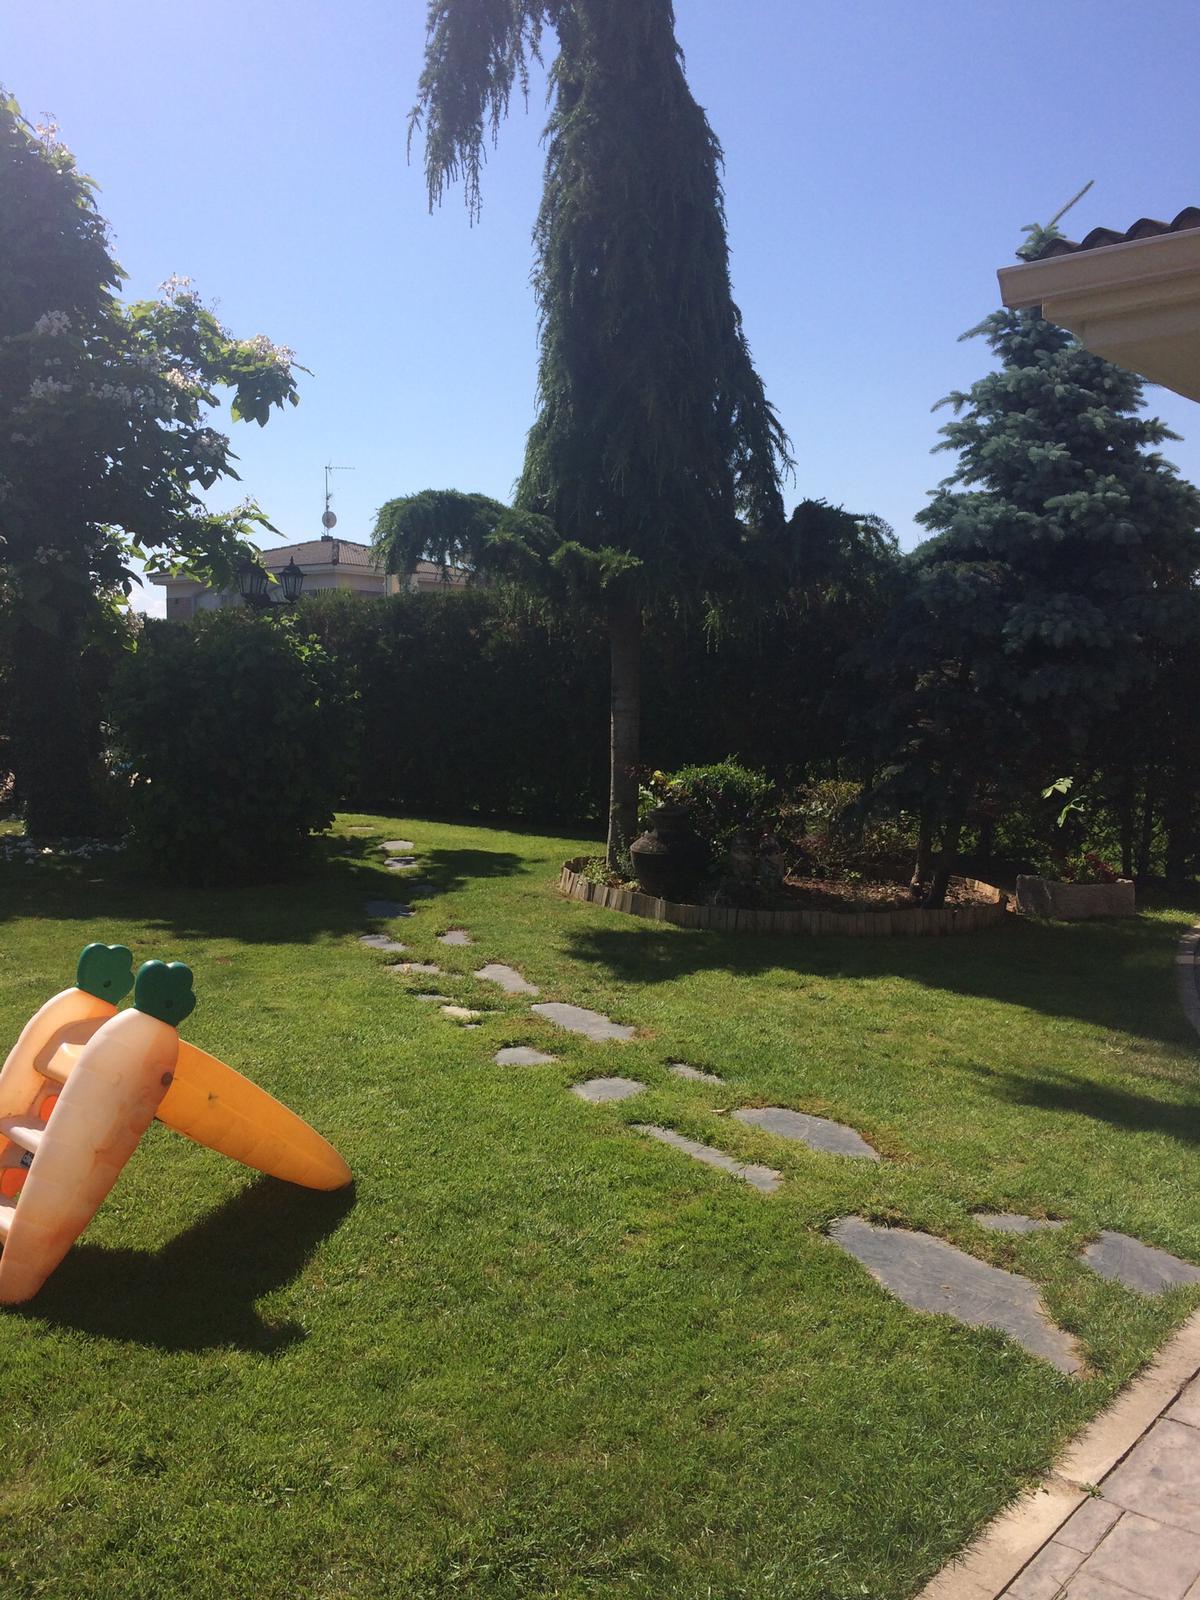 CHALET EN SANTA MARTA DE TORMES (REF: 591) - foto 5 20190606051853_IMG-20190531-WA0013.jpg